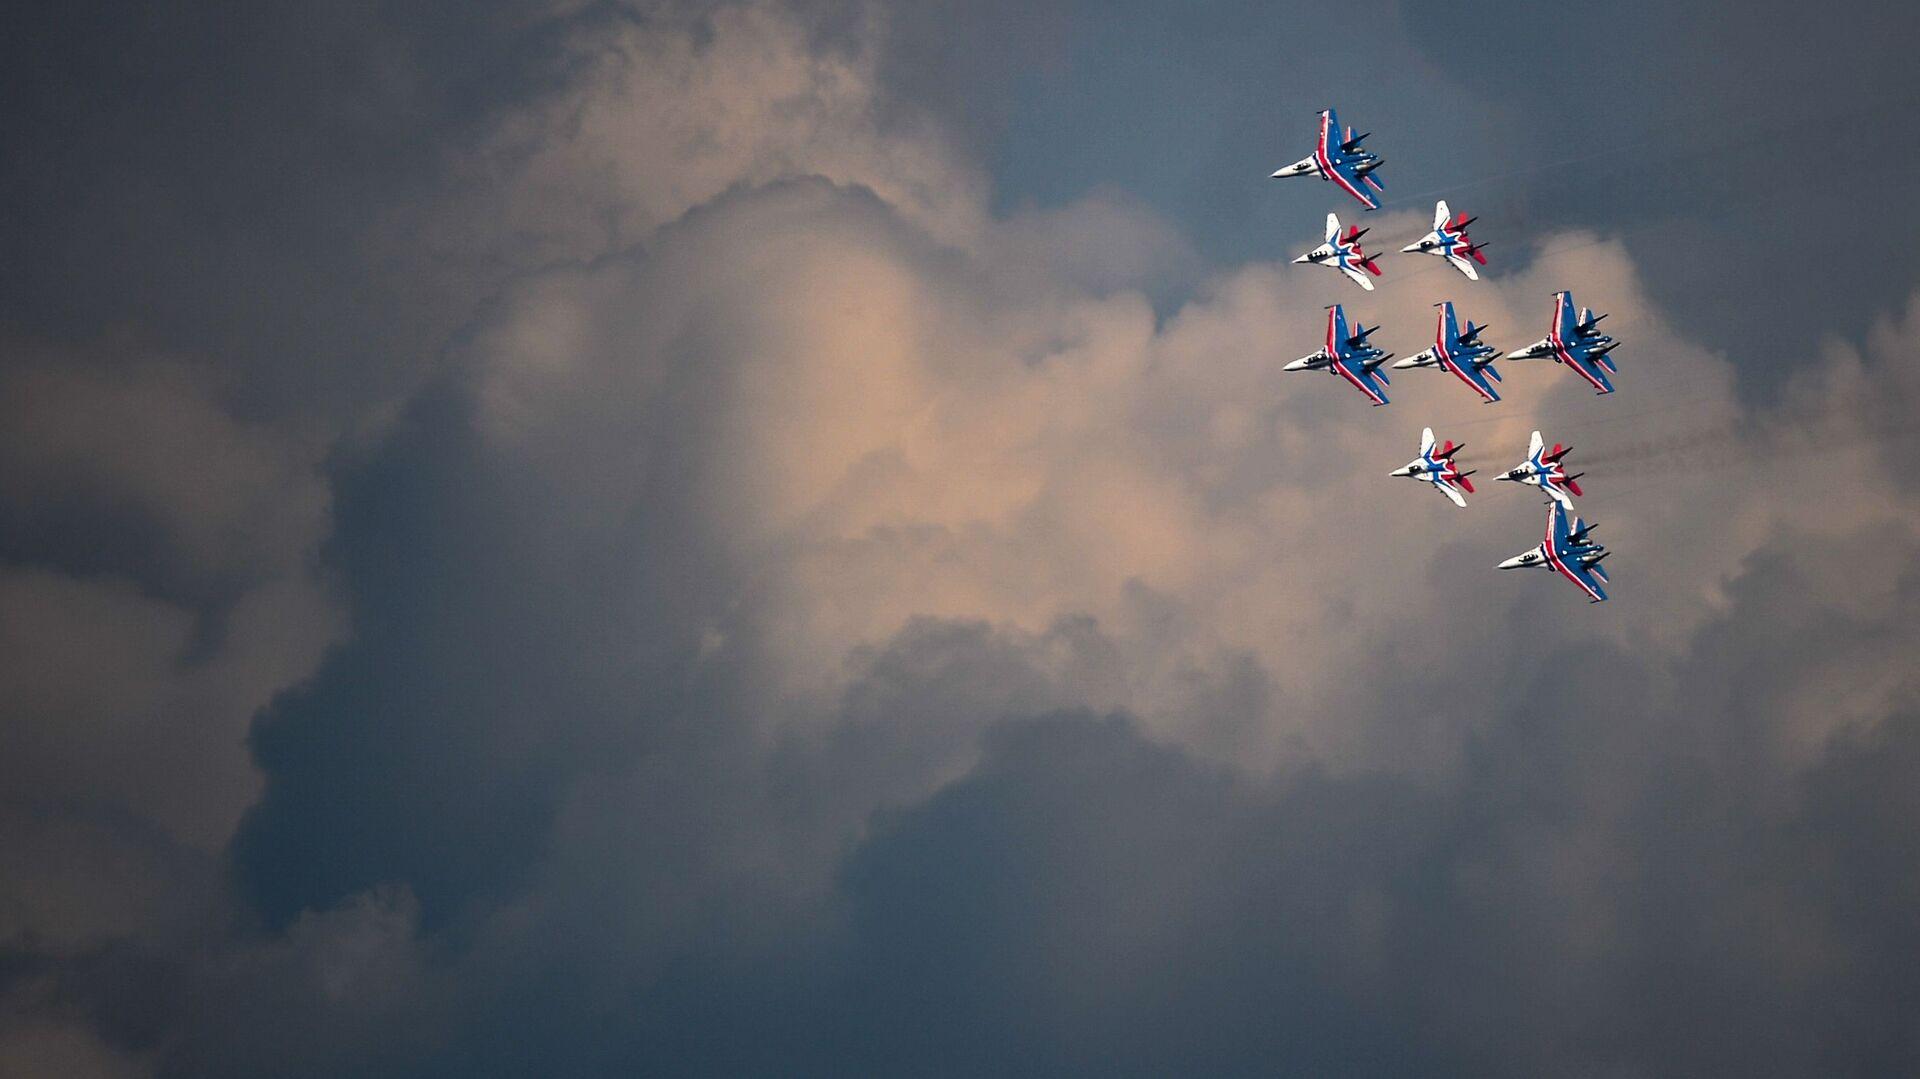 Совместная тренировка групп парадного строя авиации к Параду Победы - Sputnik Polska, 1920, 23.06.2021